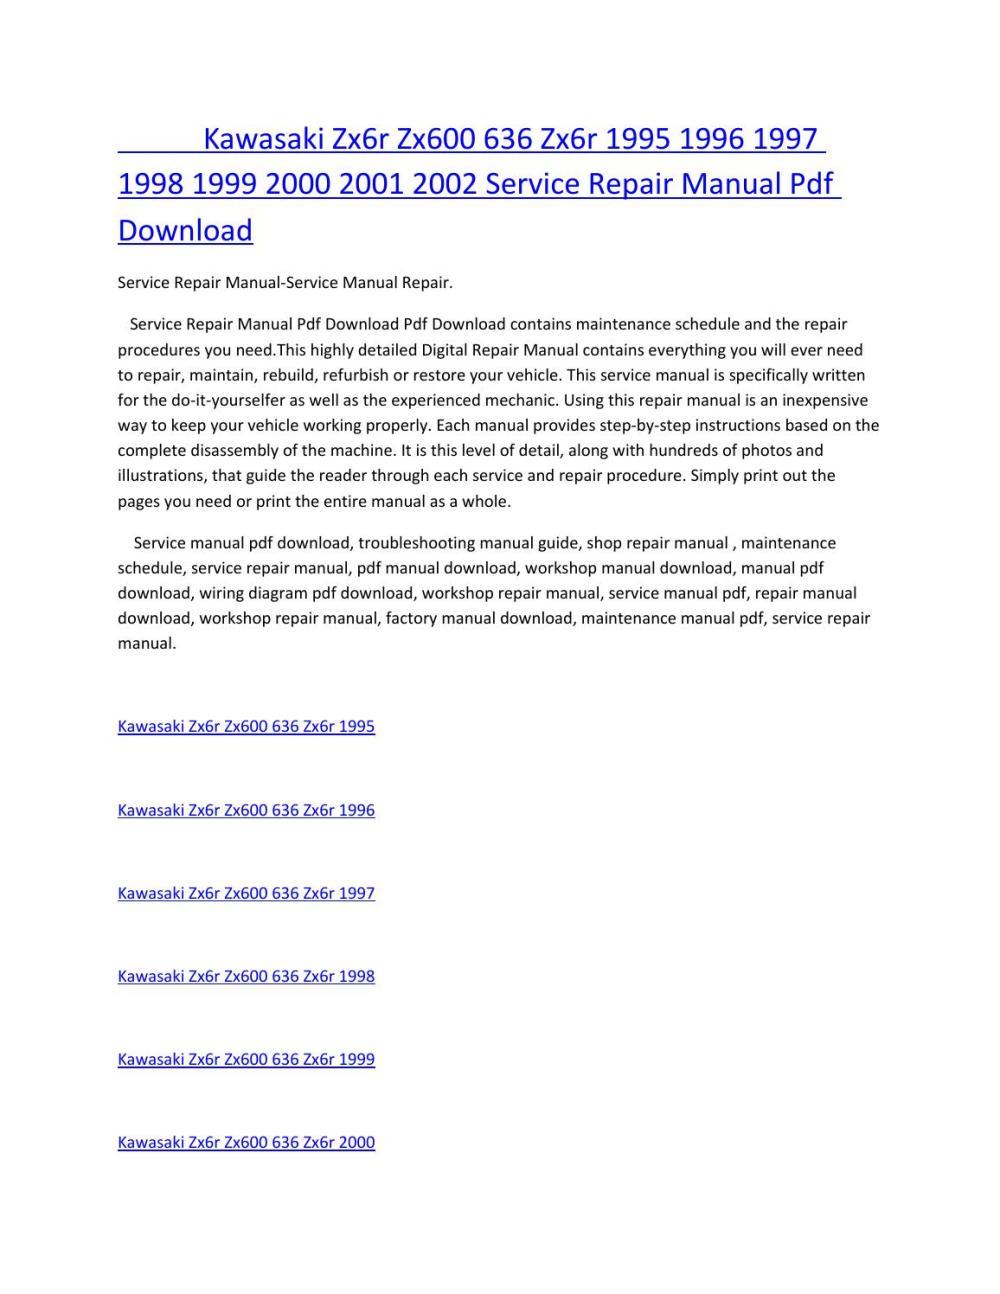 medium resolution of kawasaki zx6r zx600 636 zx6r 1995 1996 1997 1998 1999 2000 2001 2002 service manual repair pdf downl by amurgului issuu